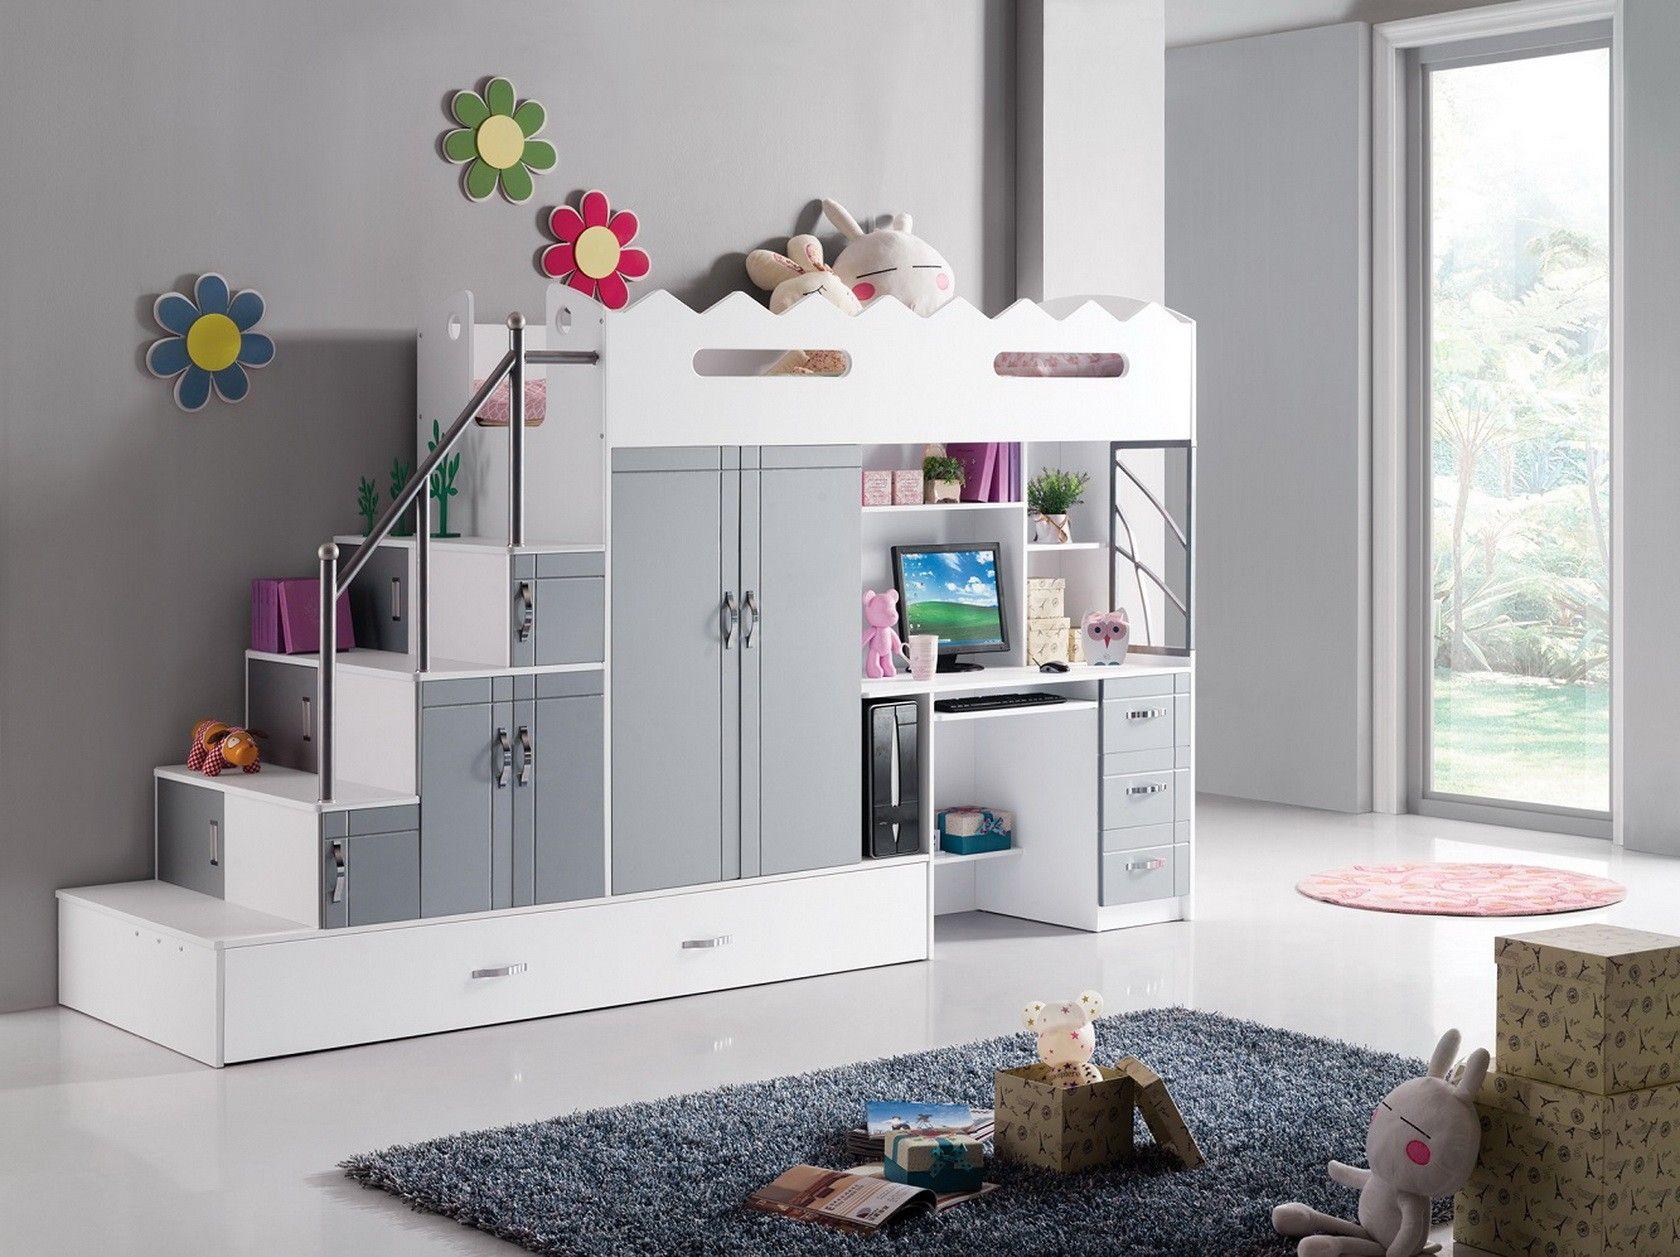 lit mezzanine multifonction coloris blanc et gris 1680 1257 lit gab pinterest. Black Bedroom Furniture Sets. Home Design Ideas